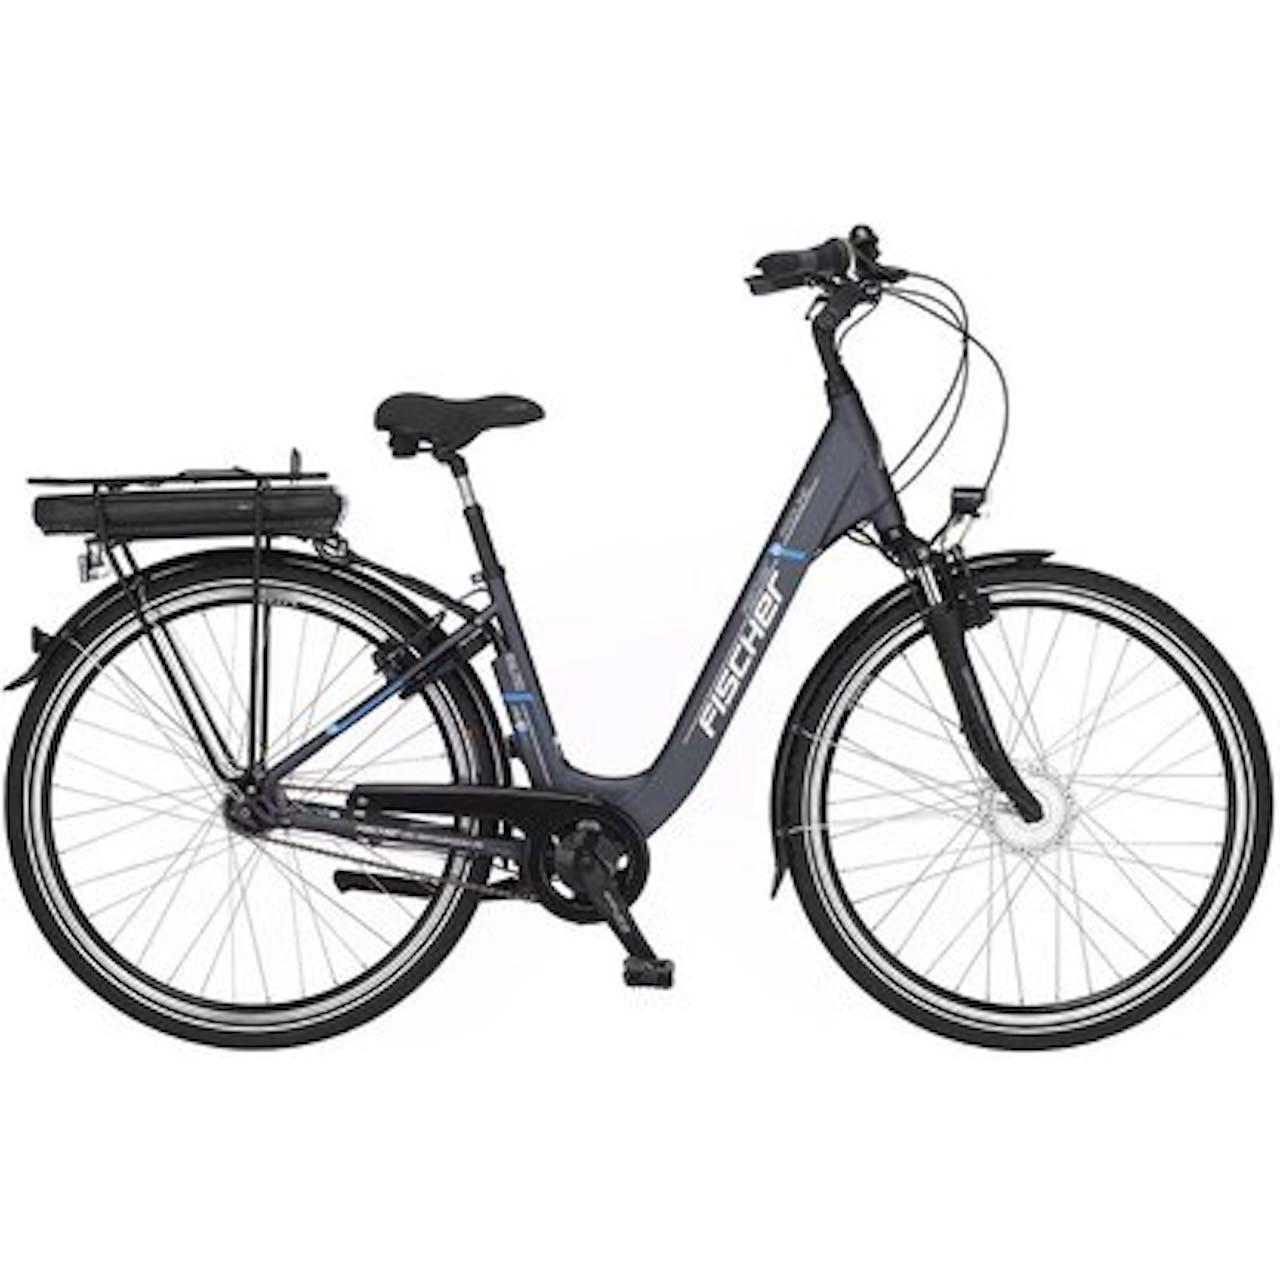 """Fischer E-Bike Damen City-Fahrrad 28"""" ECU 1401-S1 inkl. Pumpe, Tasche, Schloss"""